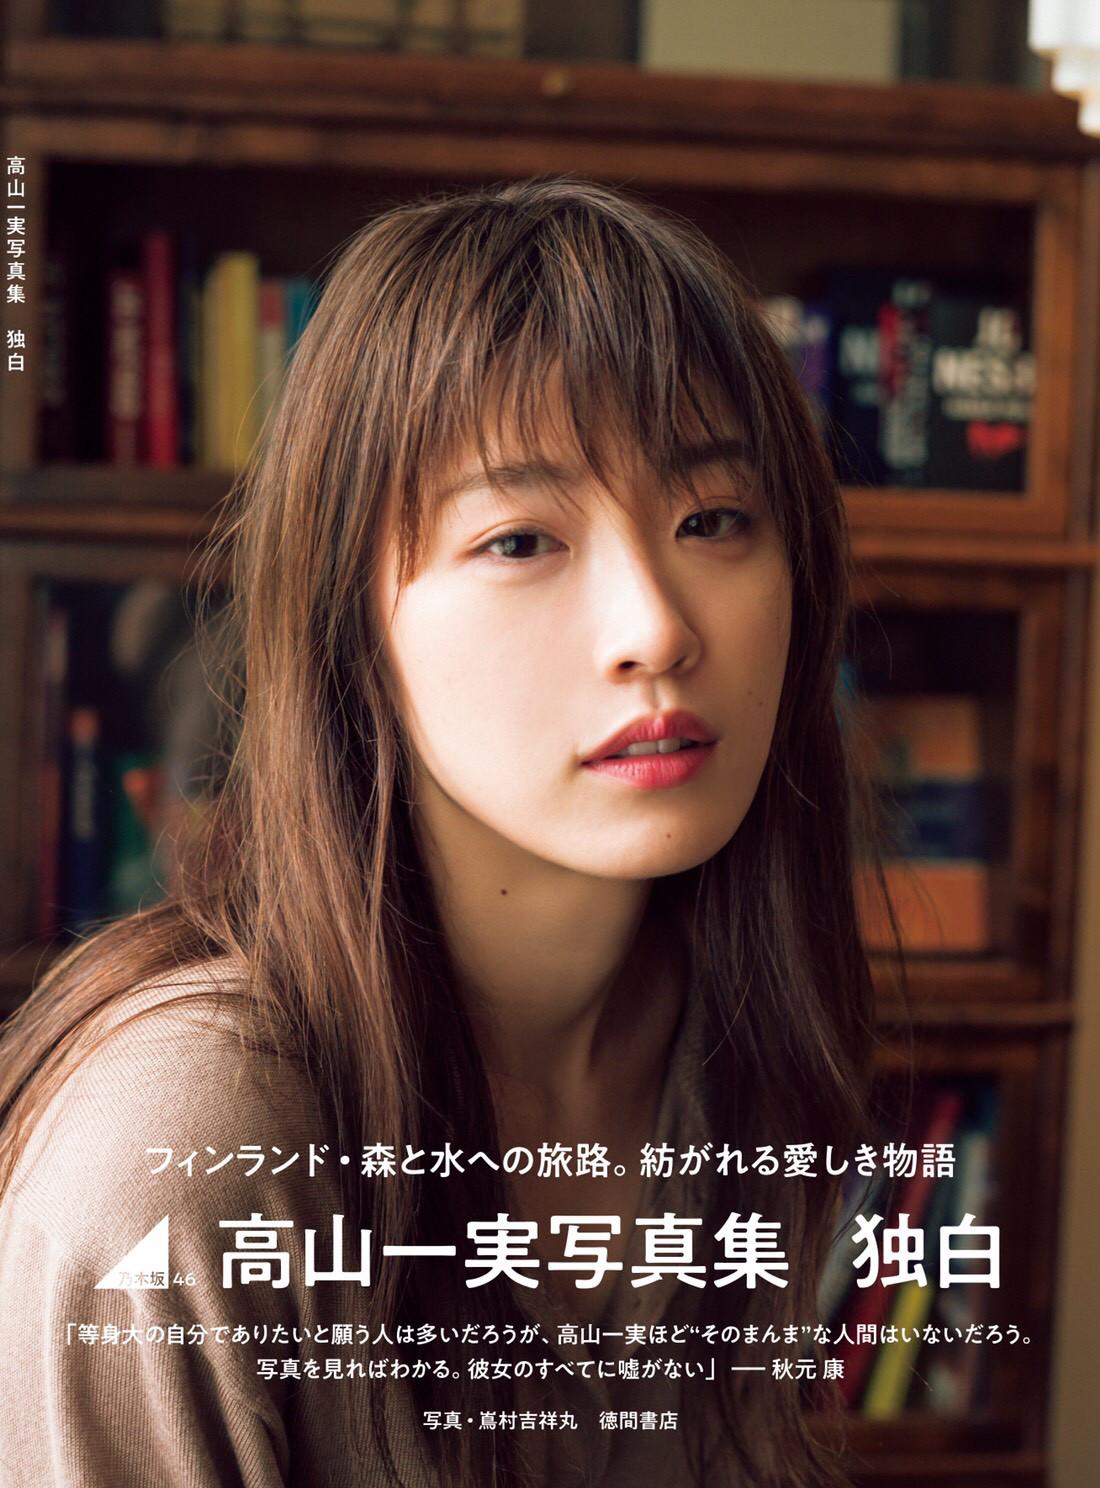 高山一実2nd写真集『独白』 秋元康 帯コメント